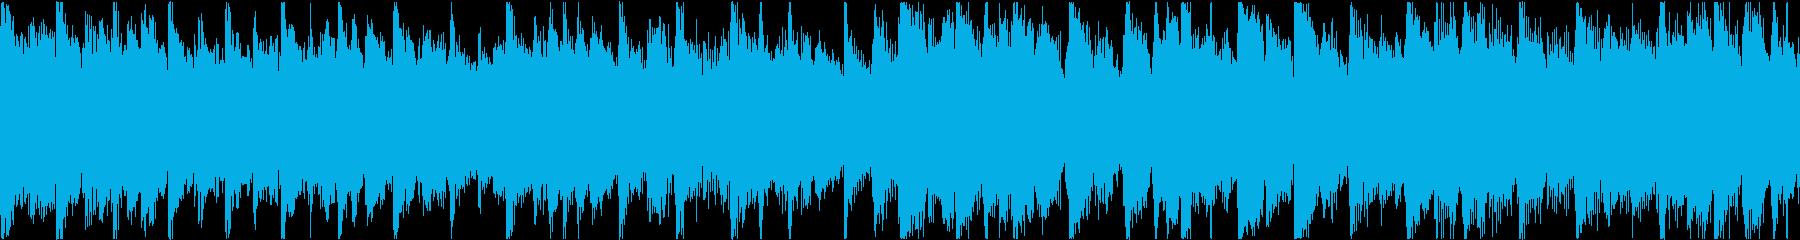 特徴的なピアノパターンを特徴とする...の再生済みの波形